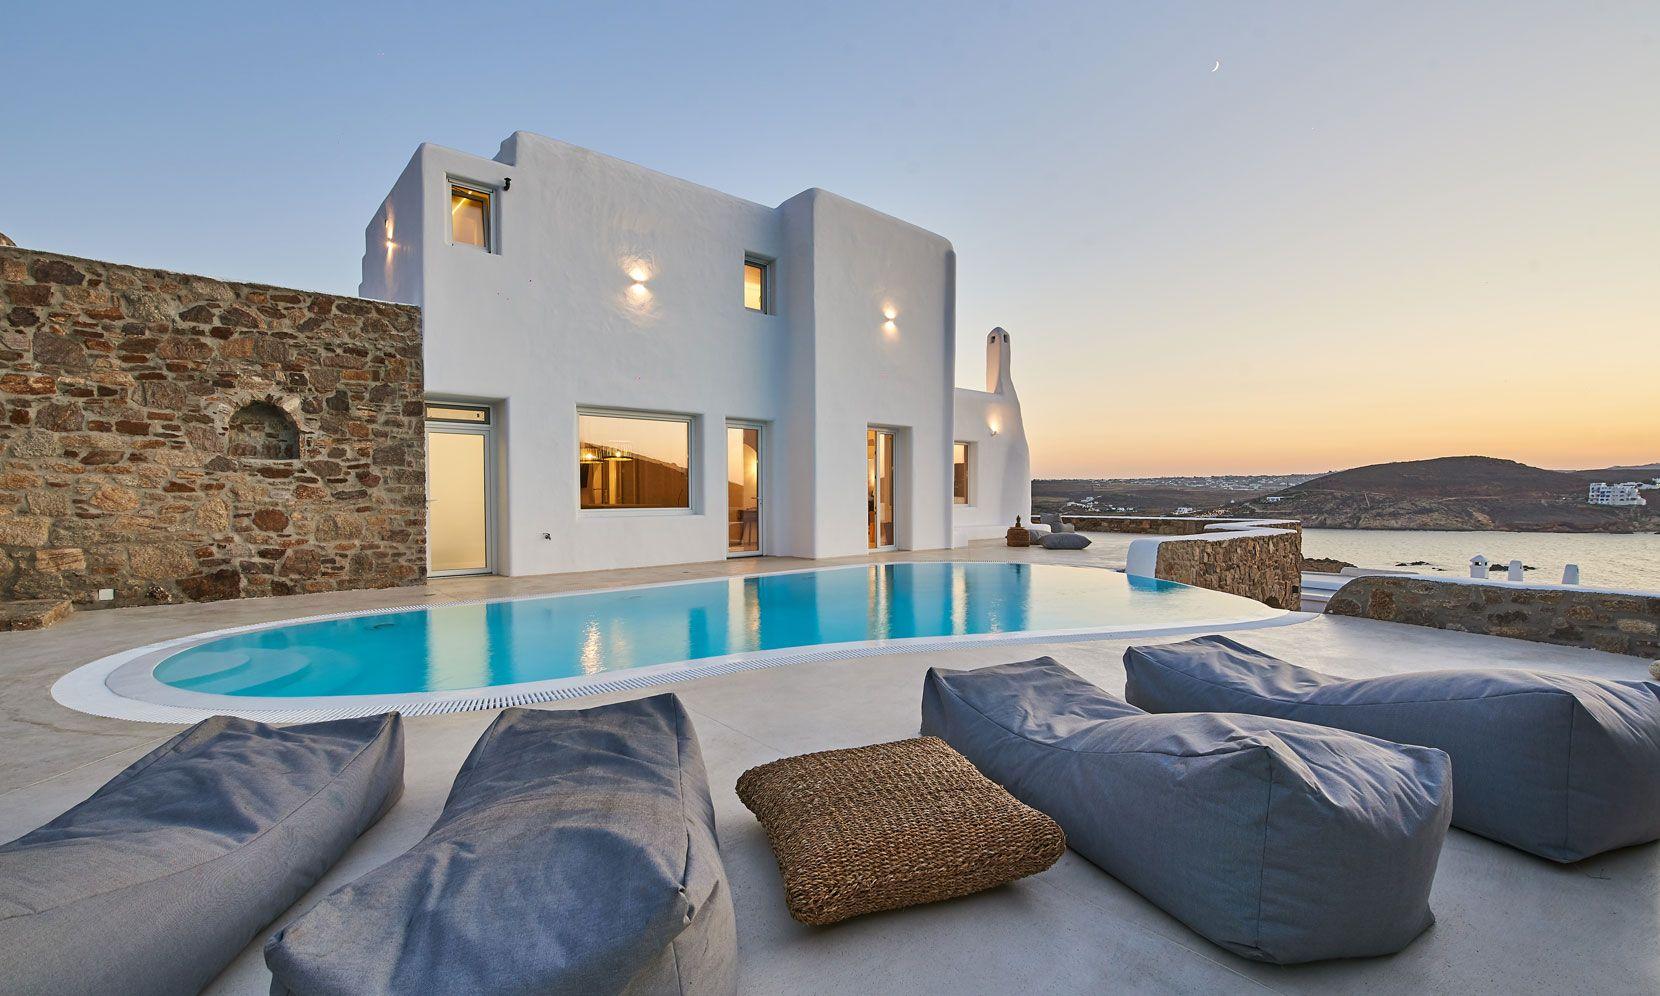 Mykonos Villa Art jumbotron image